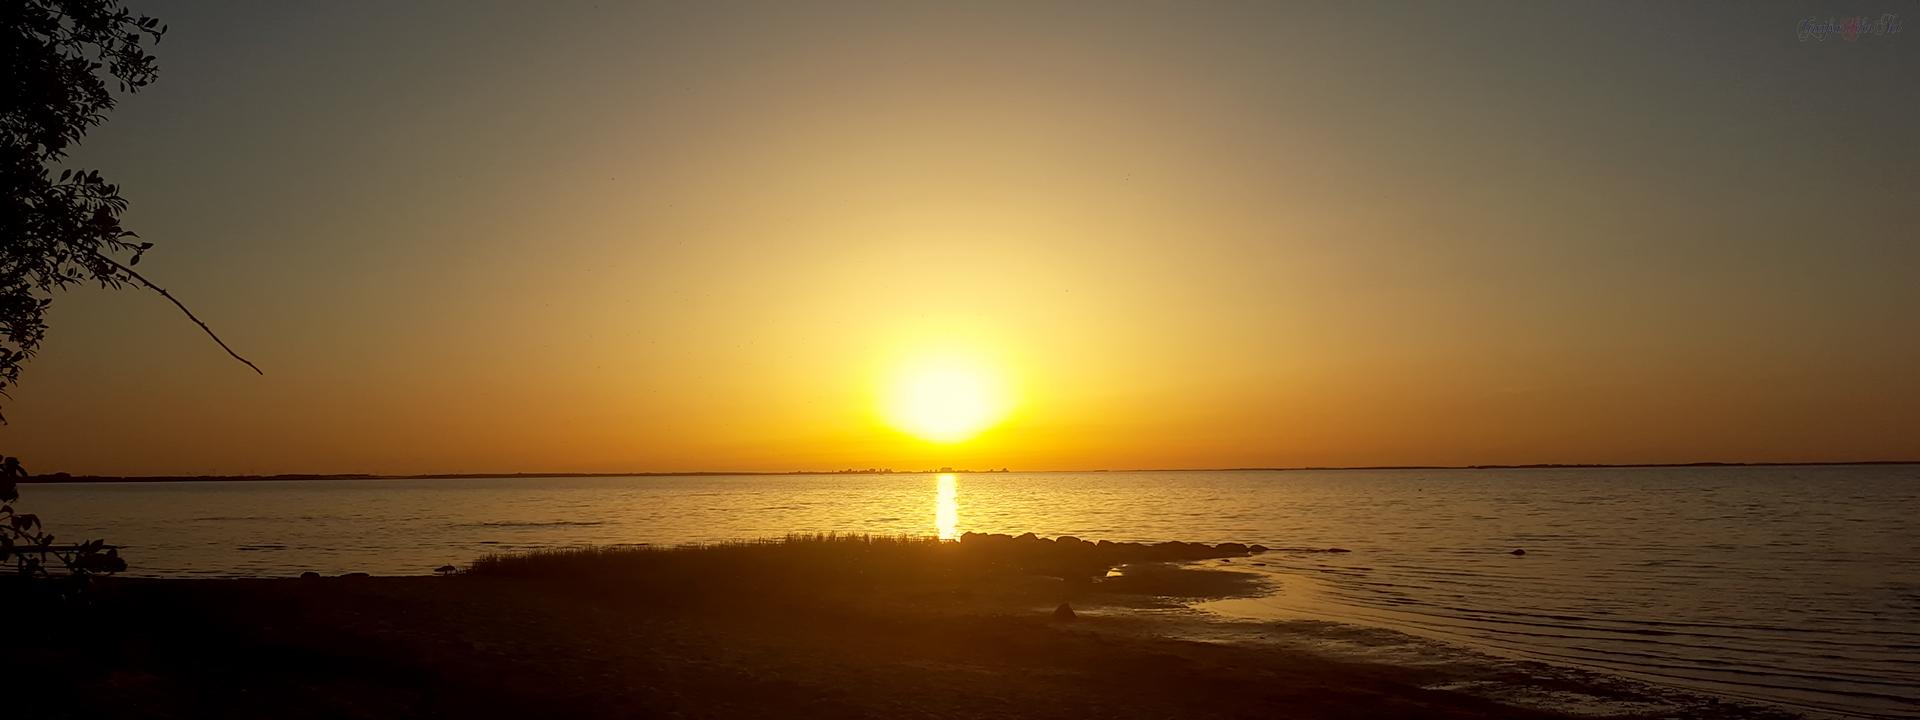 Sonnenuntergang am Greifswalder Bodden